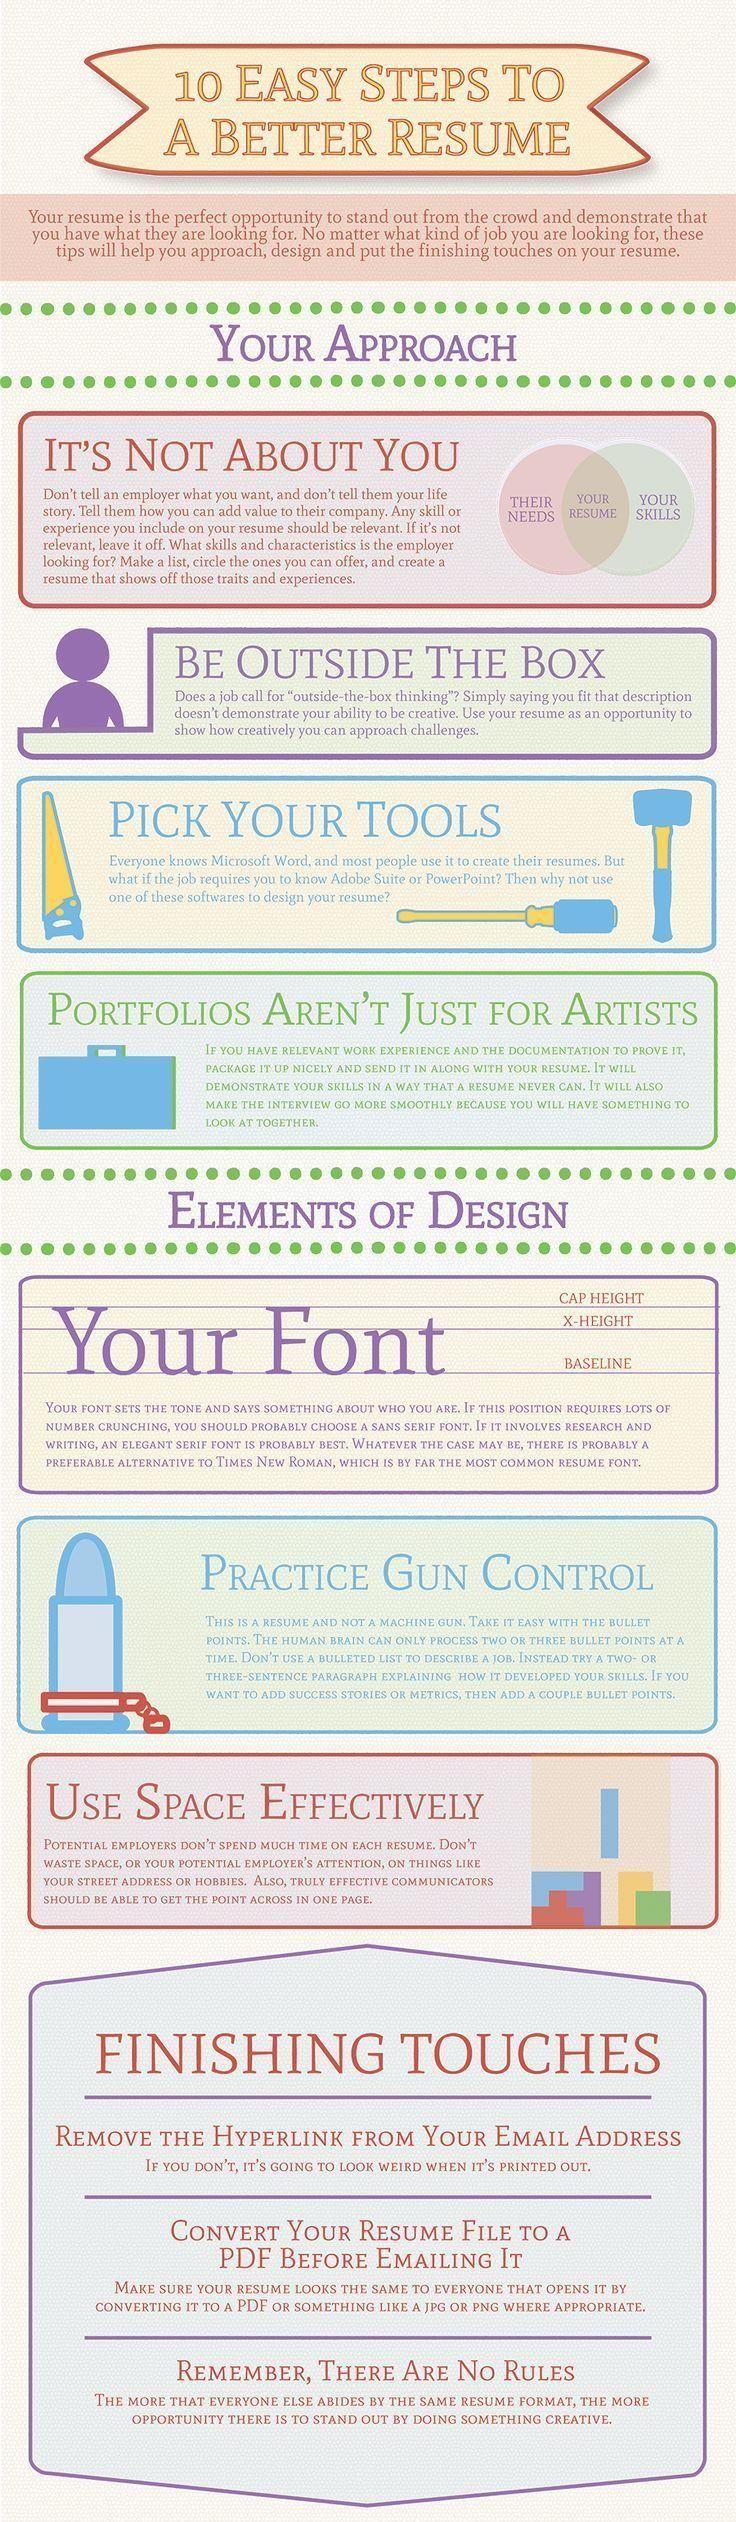 10 easy steps for a better #resume